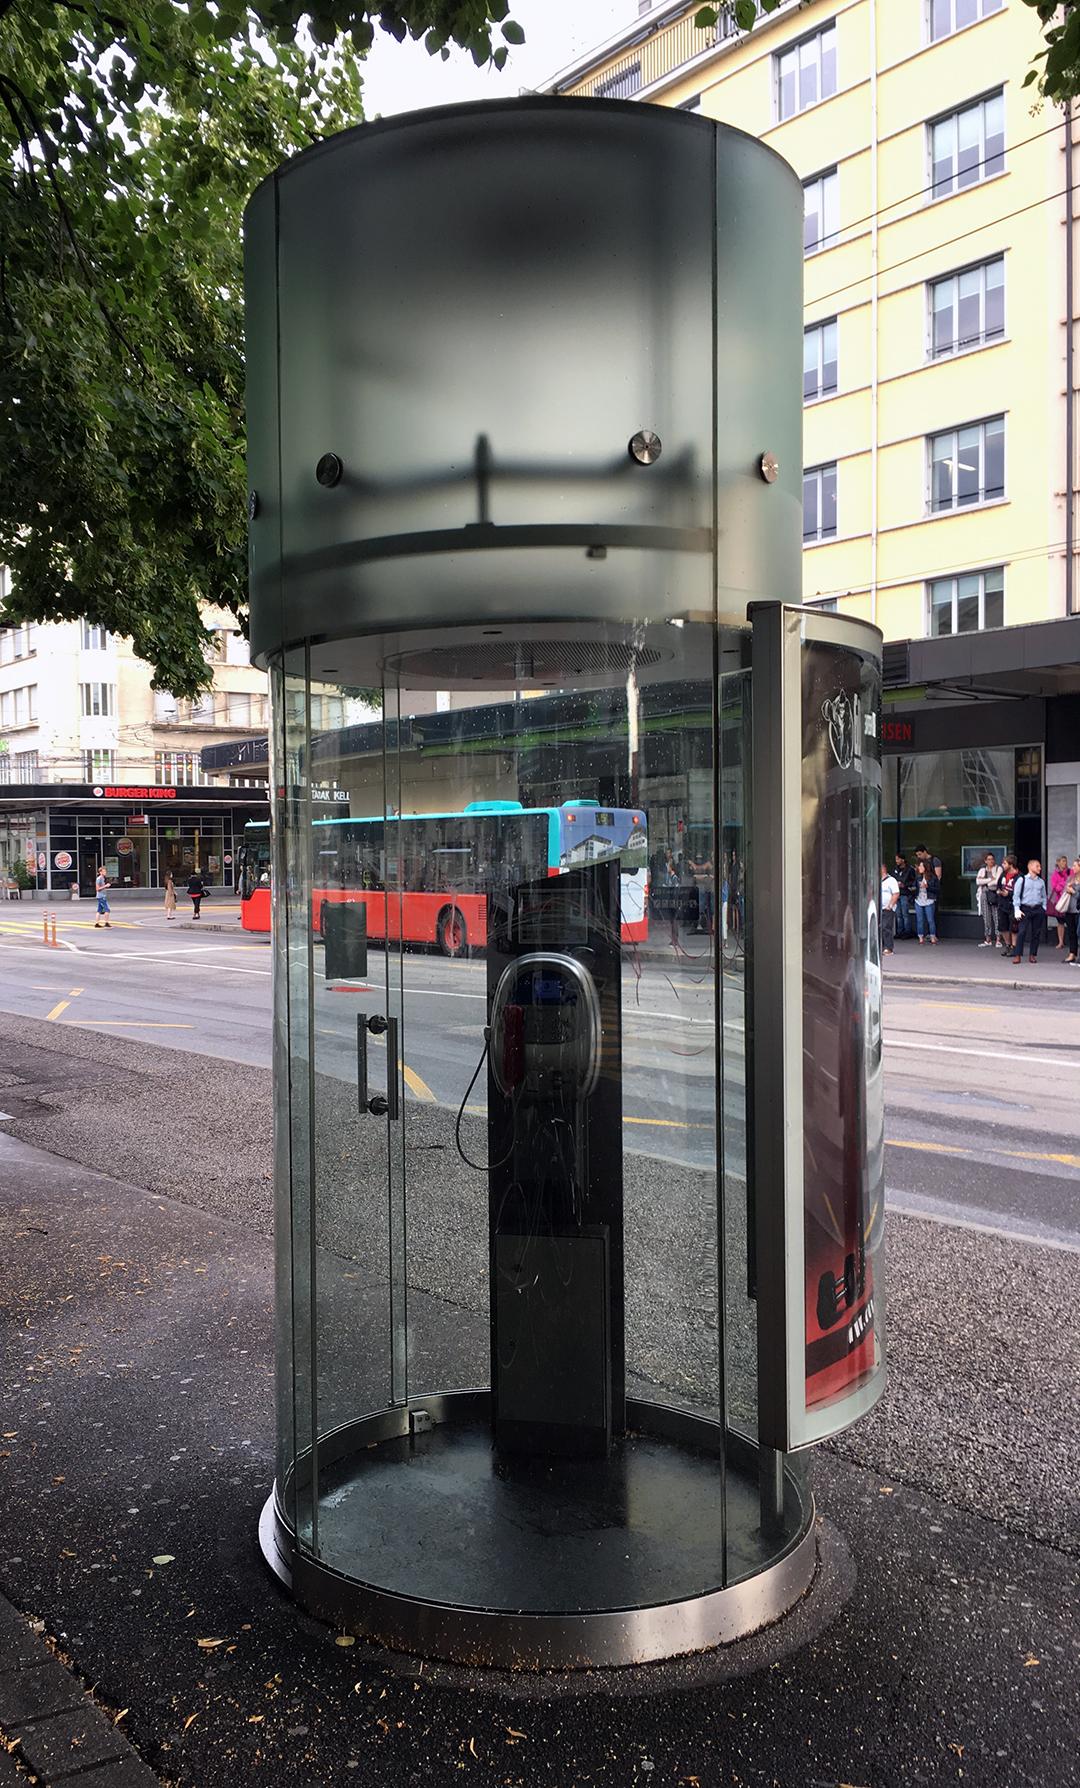 Die letzten ihrer Art. Die seit 1995 eingesetzten «Telecab 2000» gehören der Allgemeinen Plakatgesellschaft APG. Dieses Exemplar steht vor dem Bahnhof in Biel. Foto: Juri Jaquemet, 2018